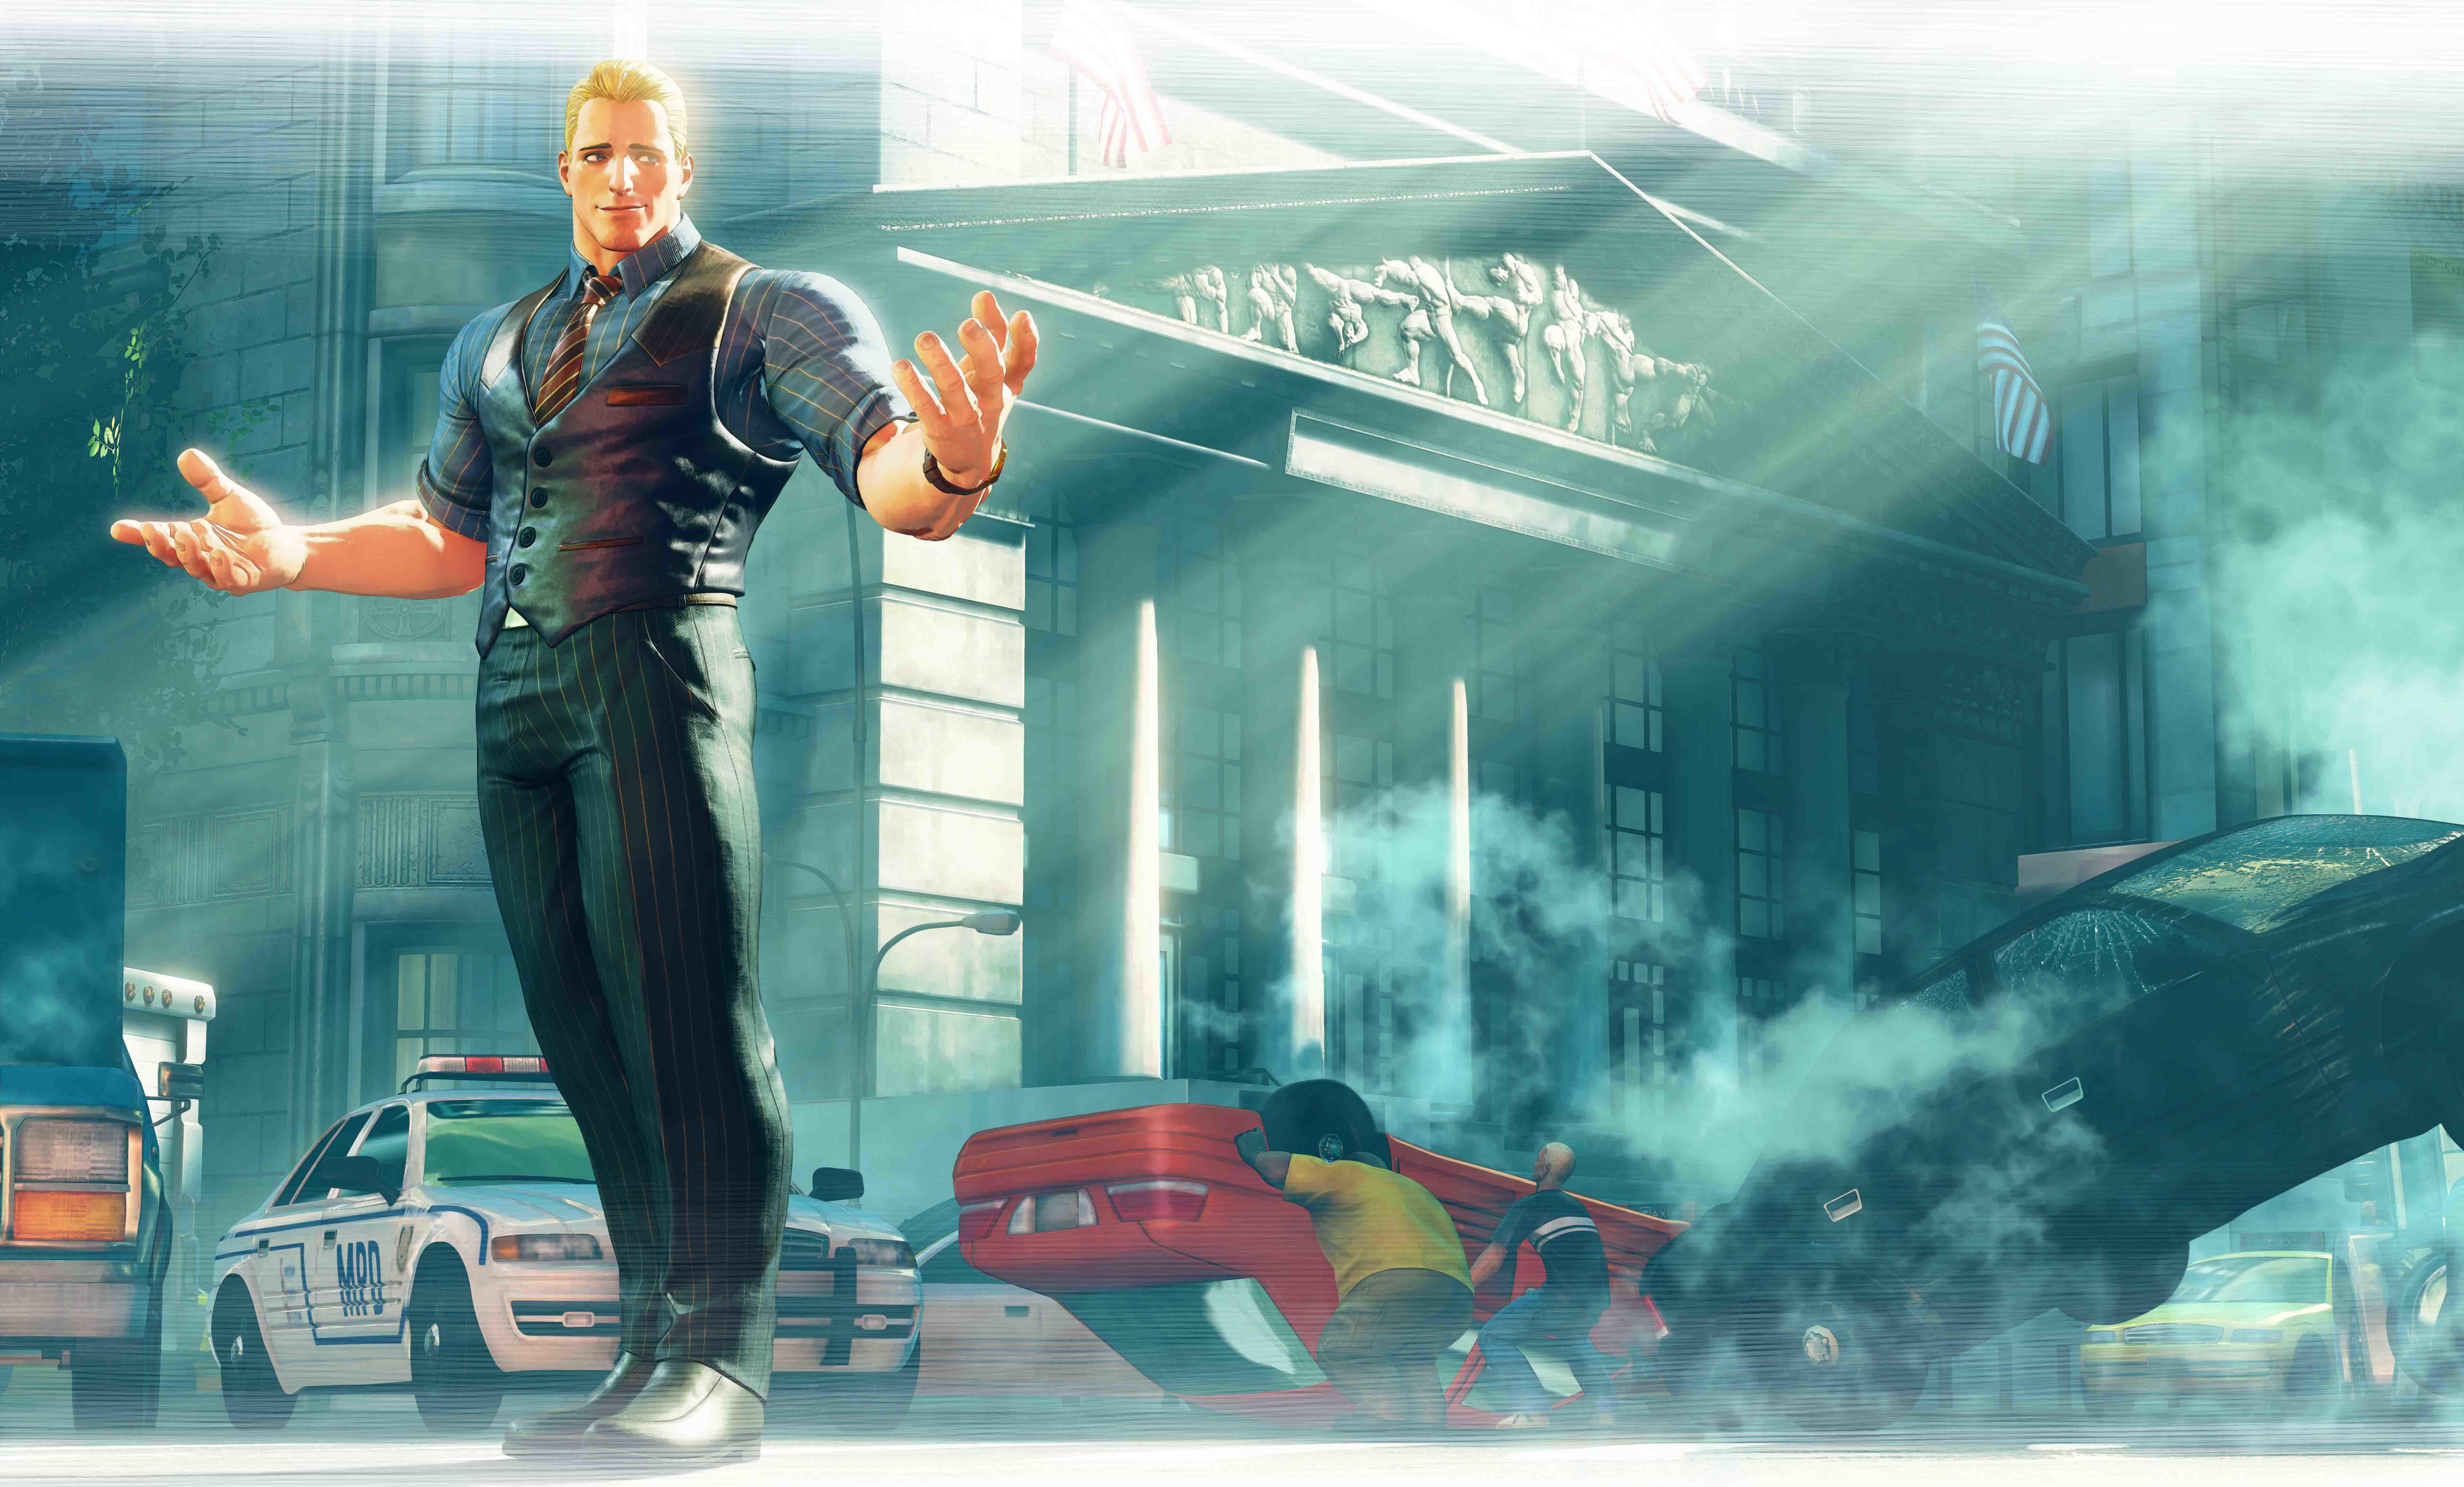 Street Fighter V 8k Hd Games 4k Wallpapers Images Backgrounds